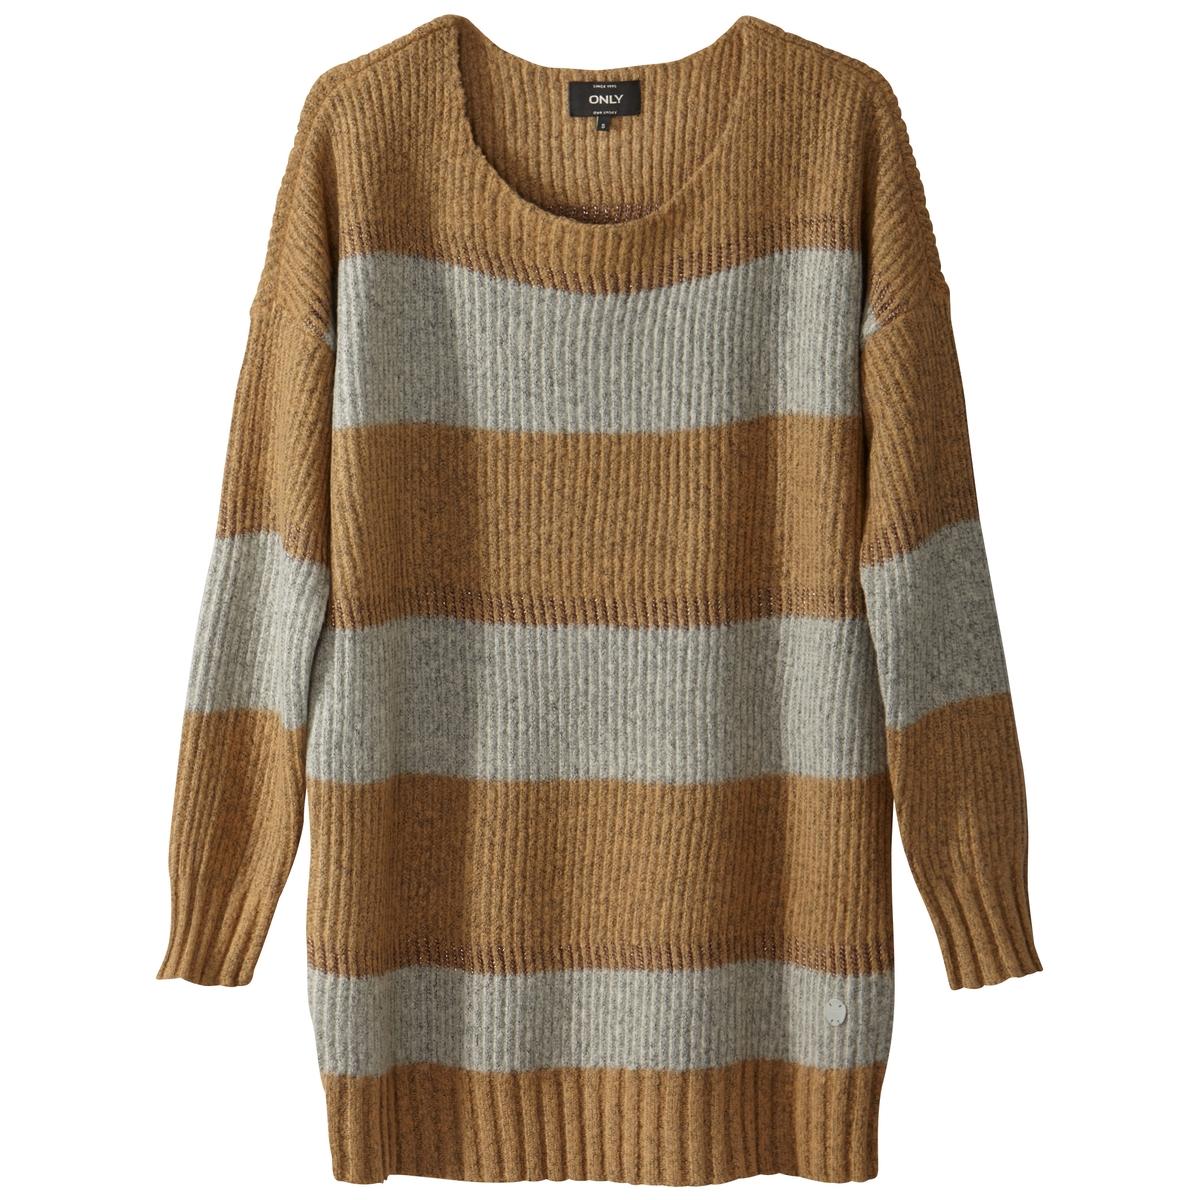 Пуловер с круглым вырезом из плотного трикотажа пуловер из плотного трикотажа cameron